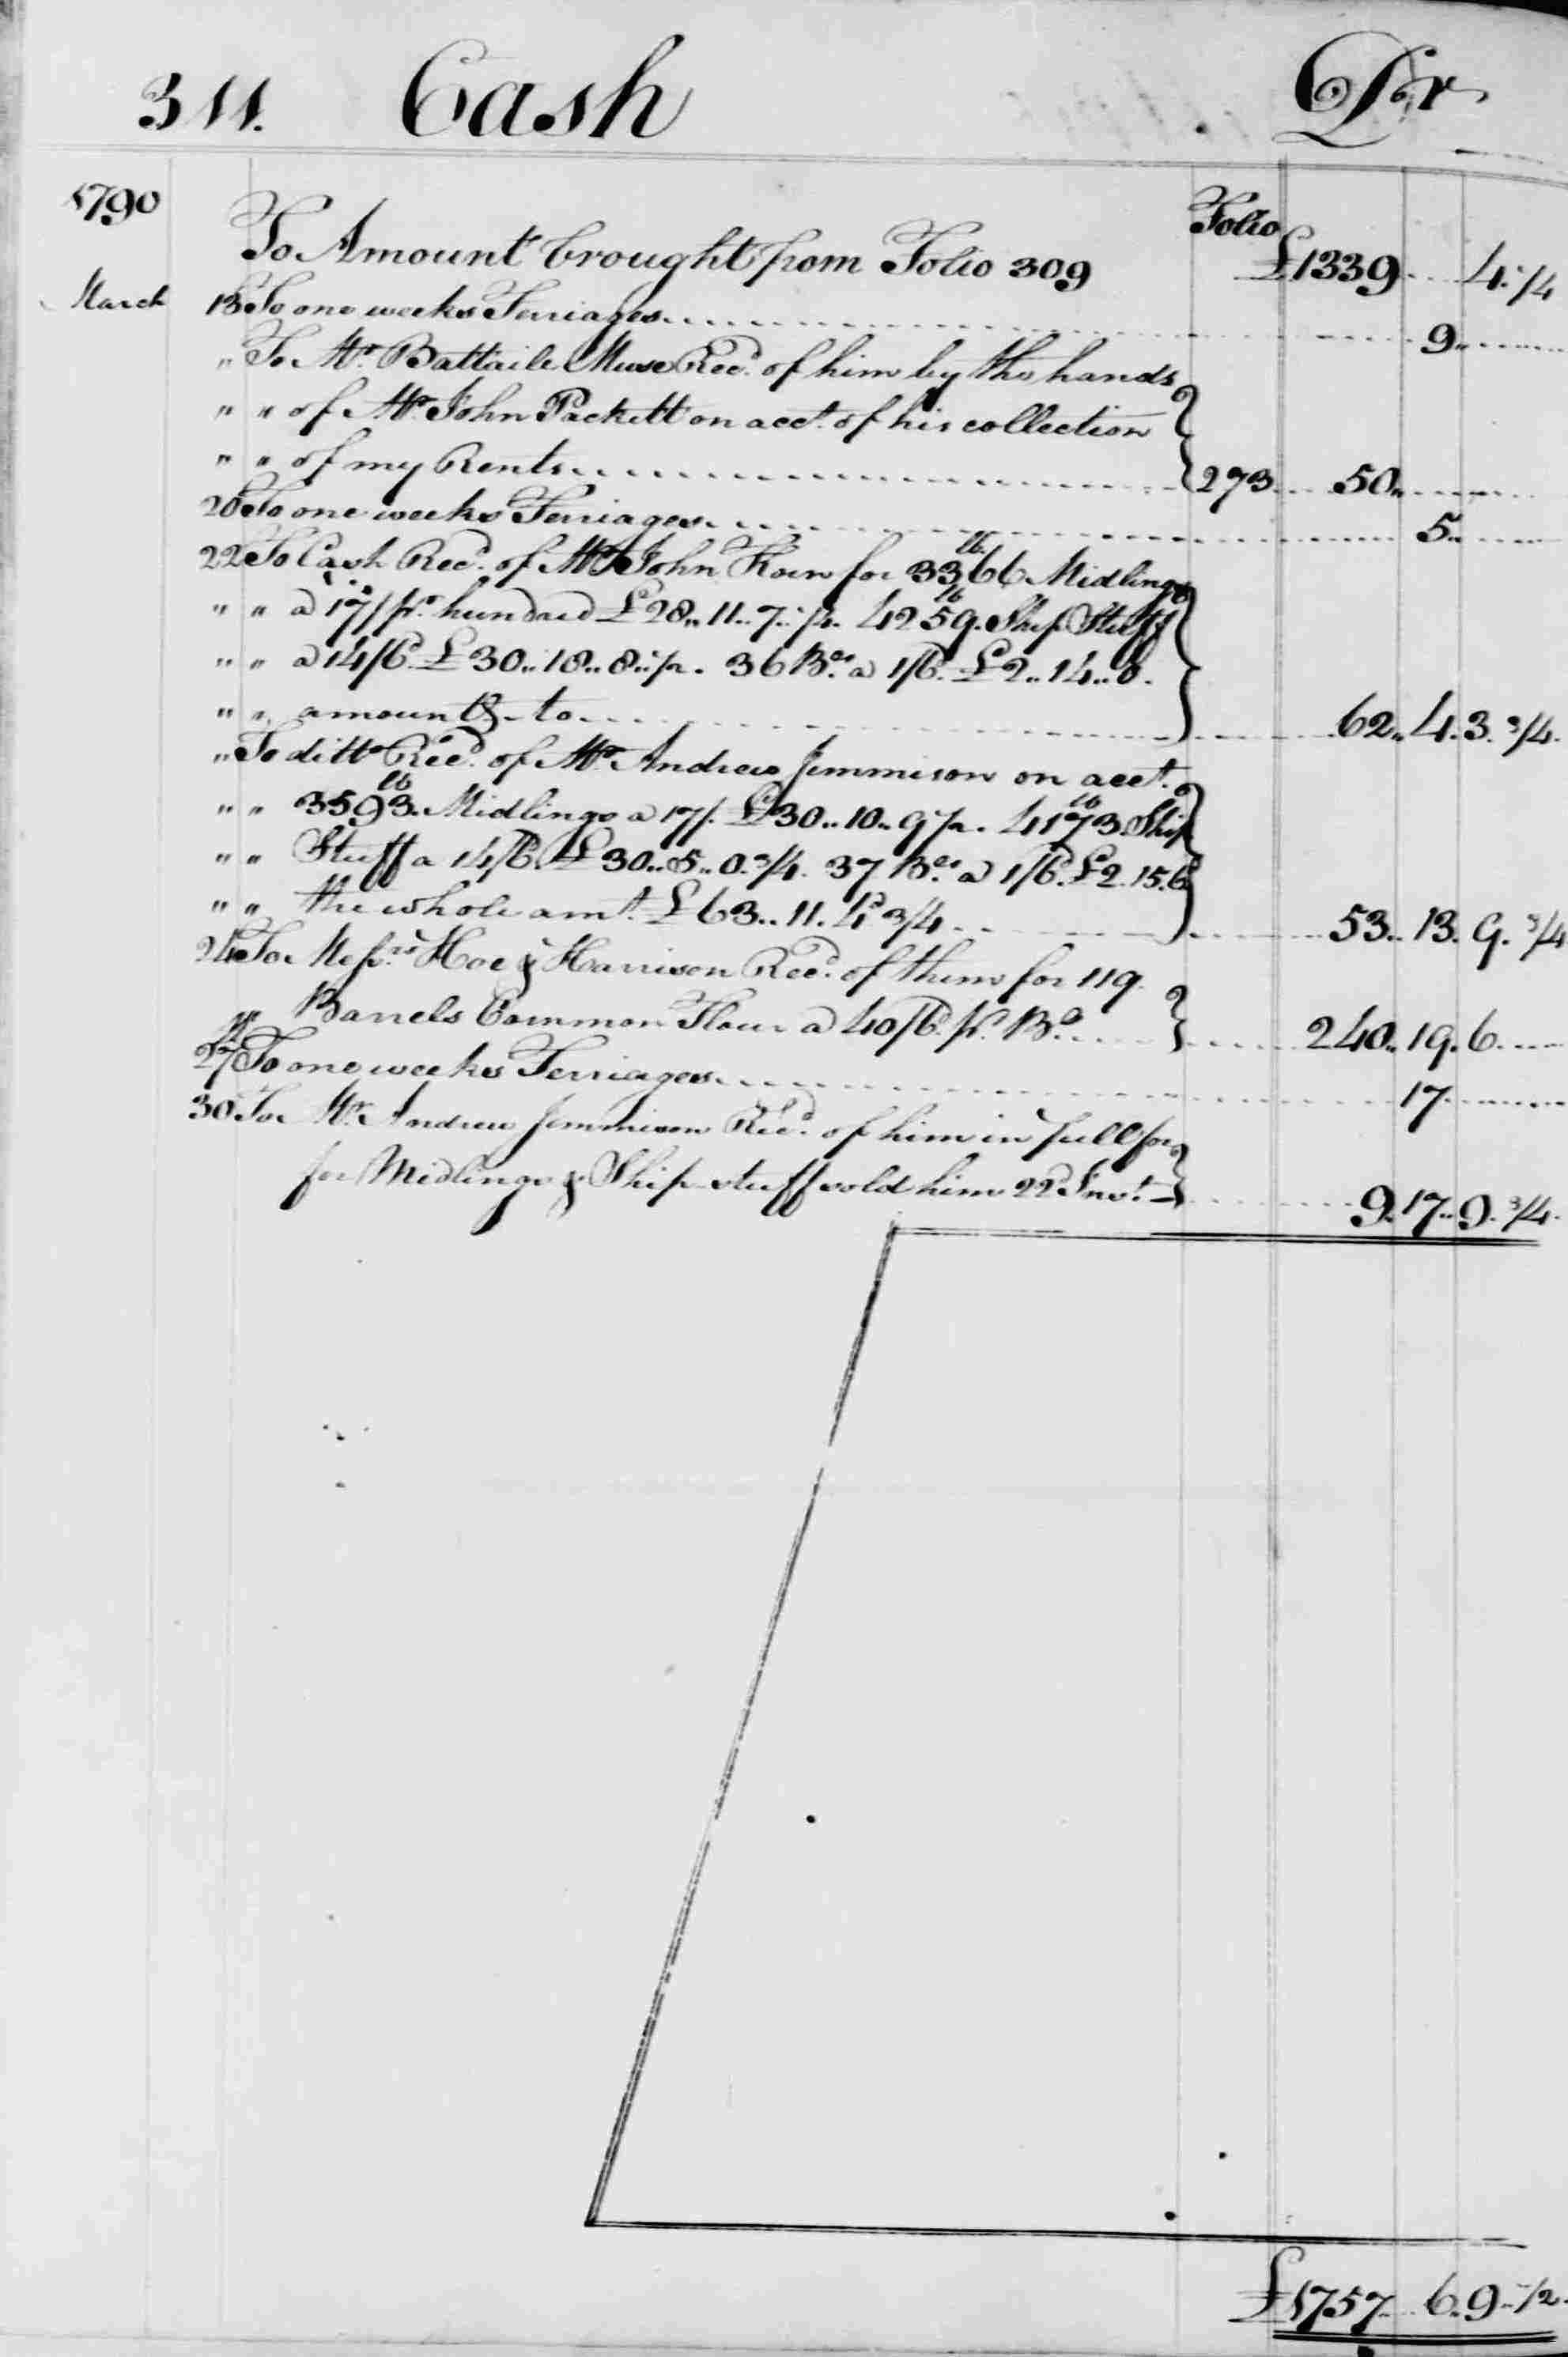 Ledger B, folio 311, left side